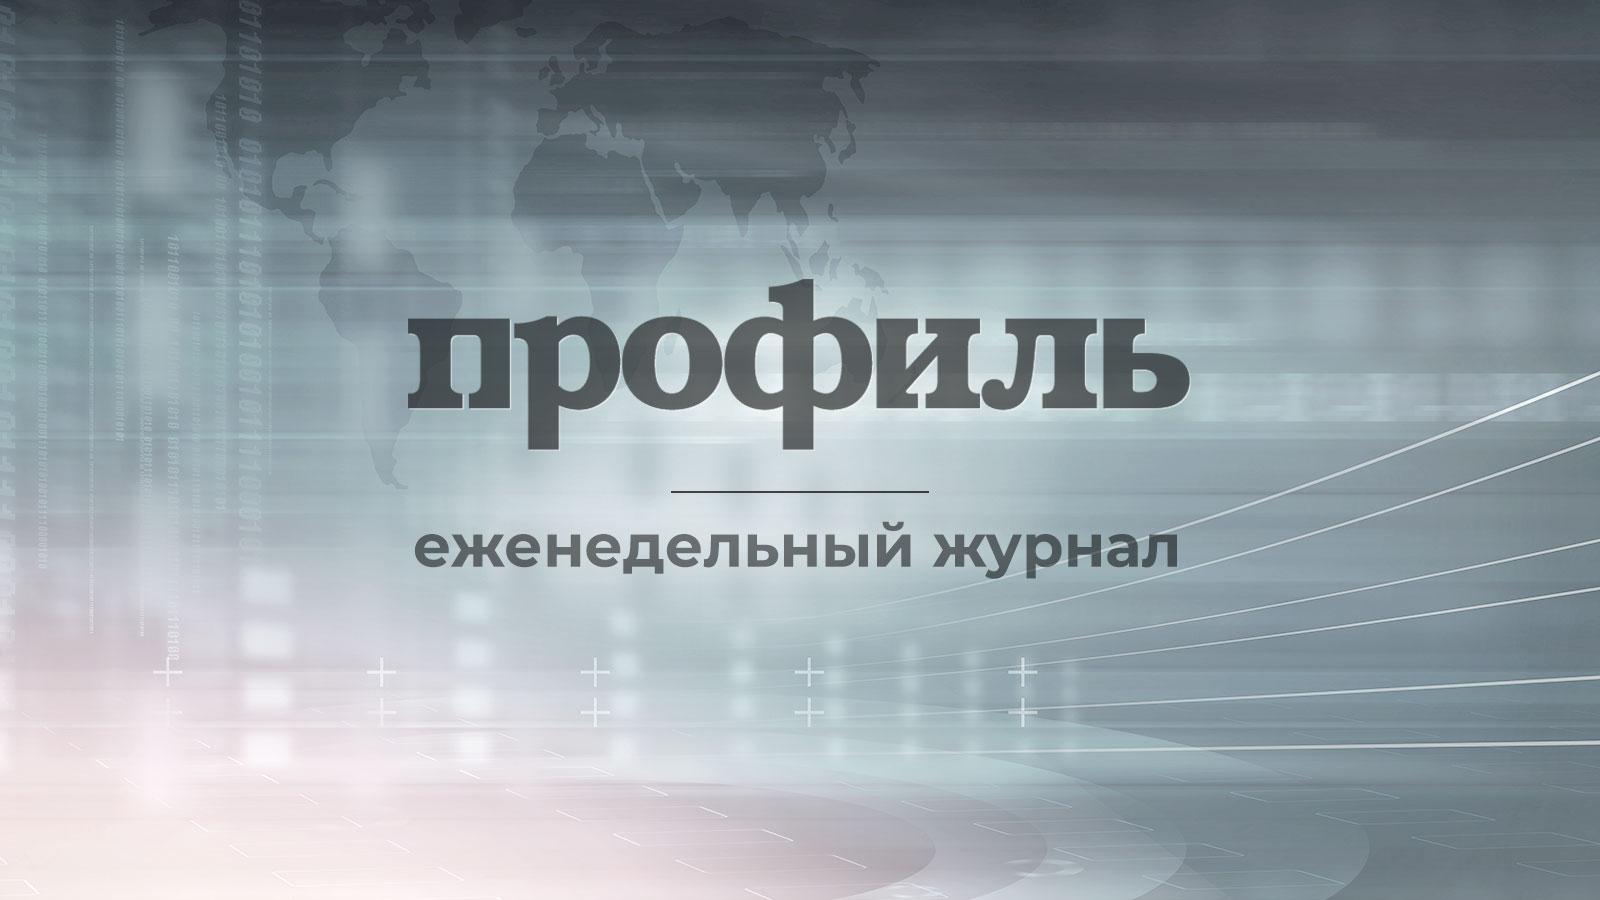 Glavnaya ezhenedelnyj zhurnal